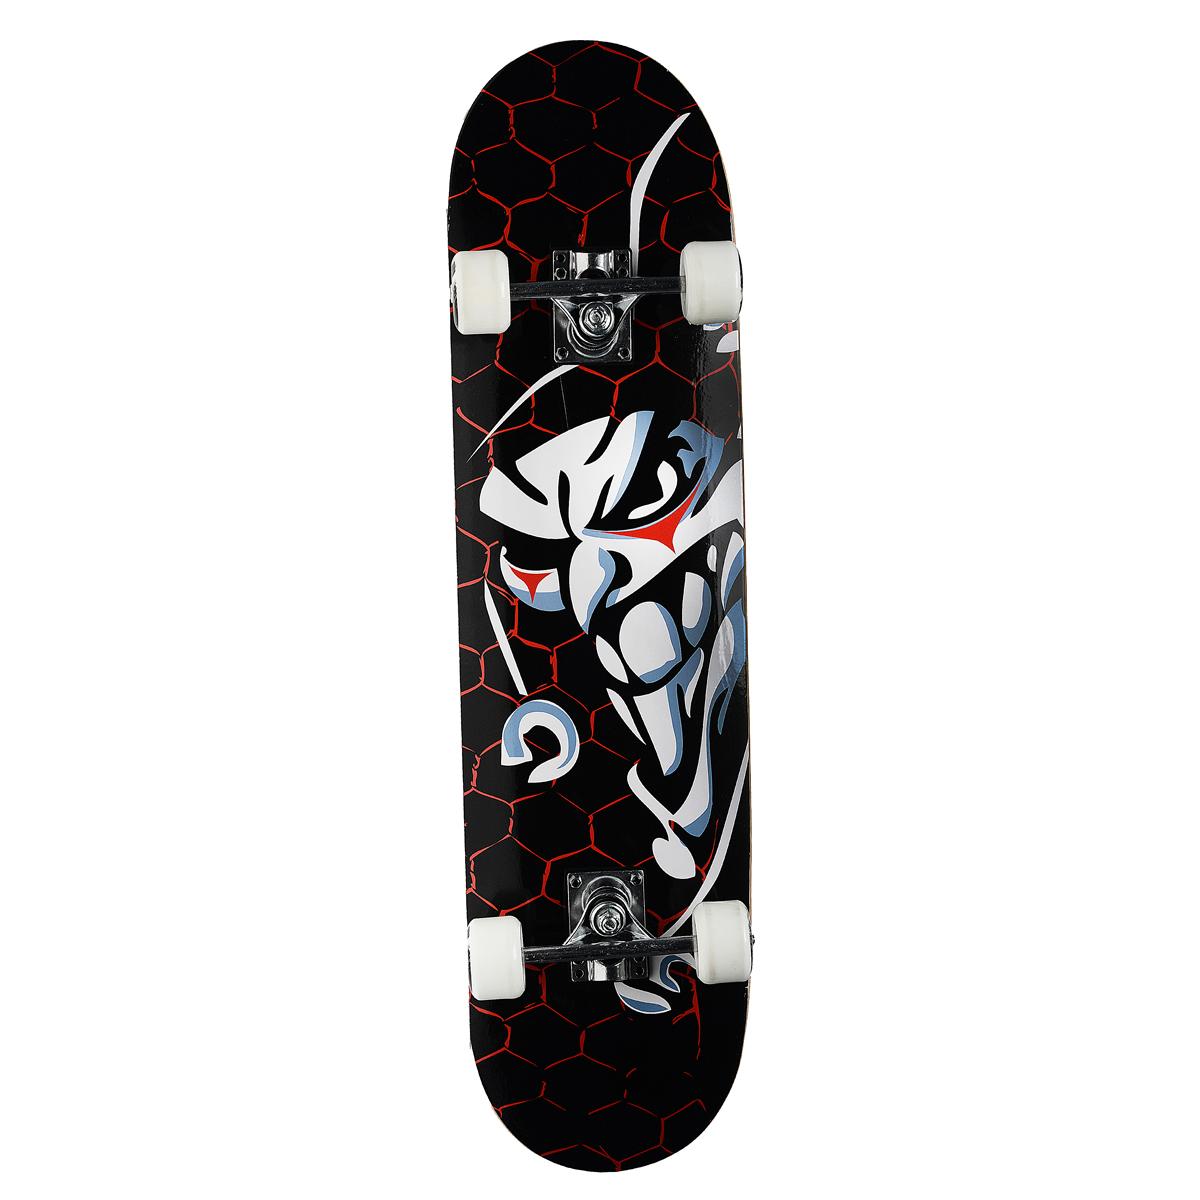 """Скейтборд MaxCity """"Joker"""", цветной принт, дека 79 см х 20 см"""